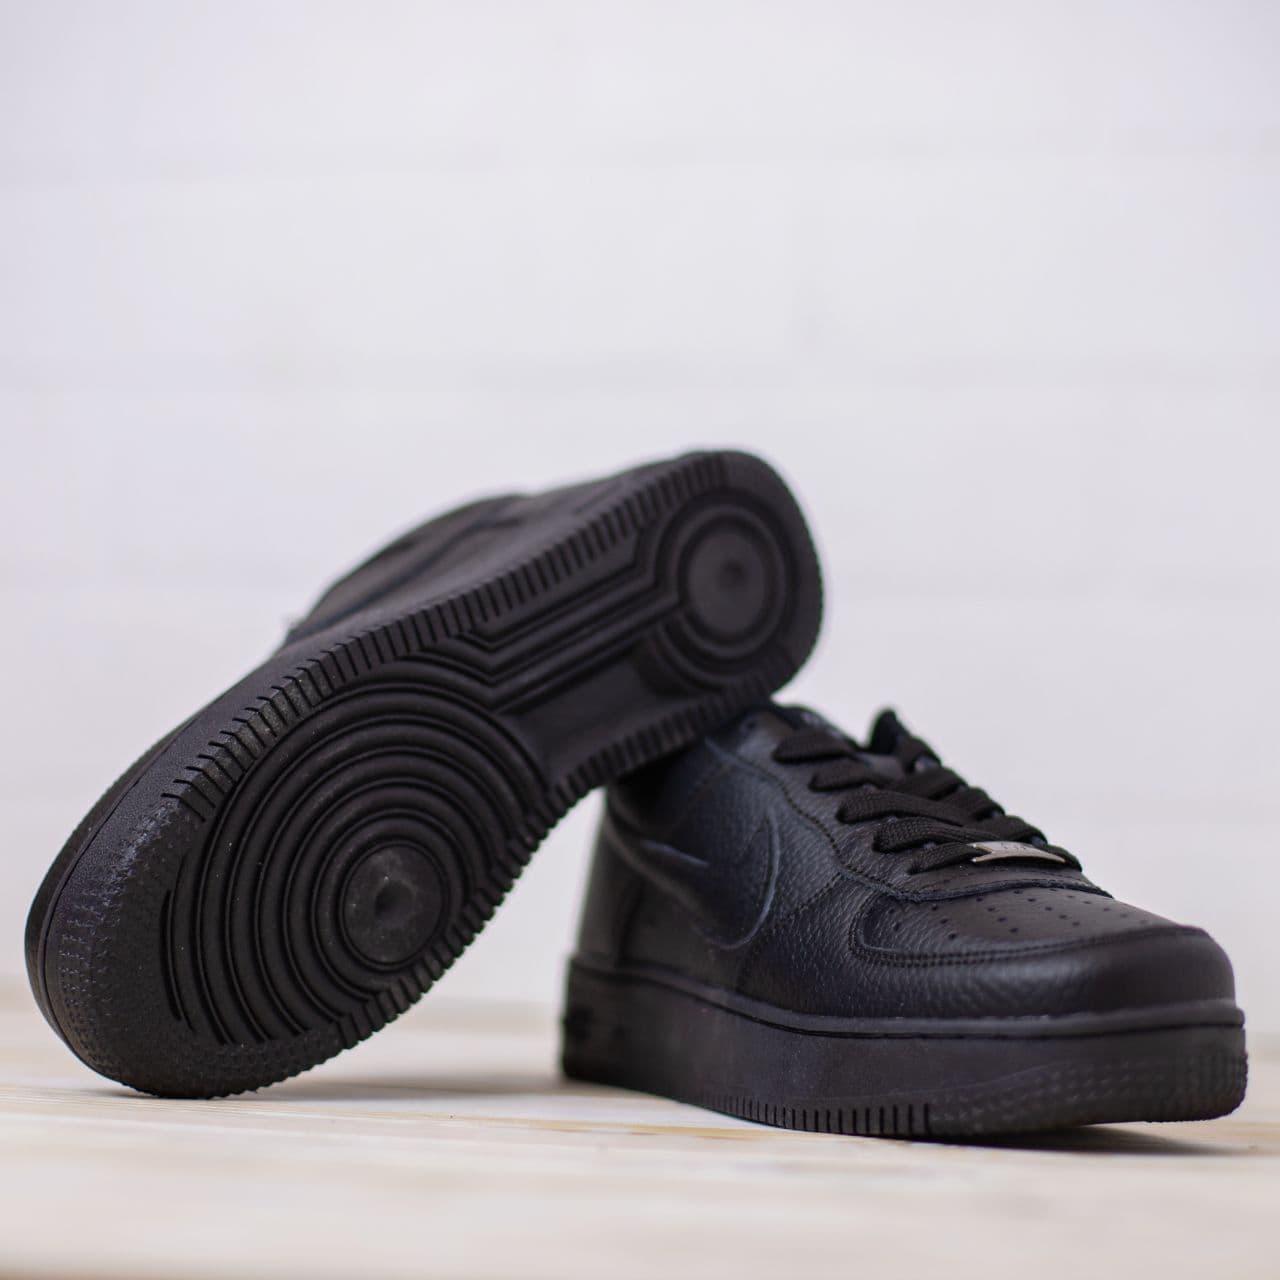 Nike Air Force low черные найк кроссовки  мужские форс кеды 41|42|43|44|45|46